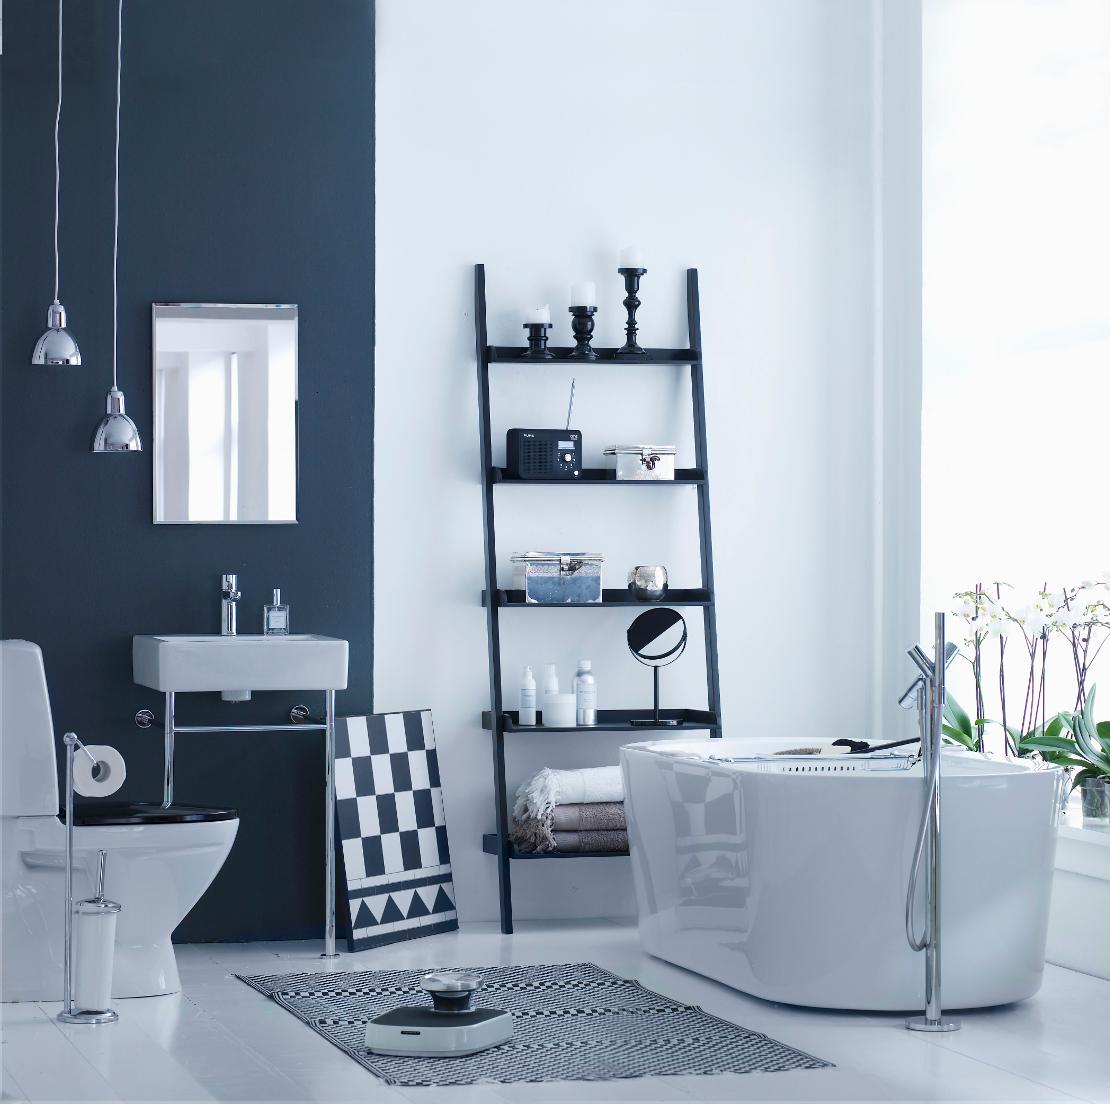 Idee Per Il Bagno : Idee per il bagno come cambiare look westwing magazine